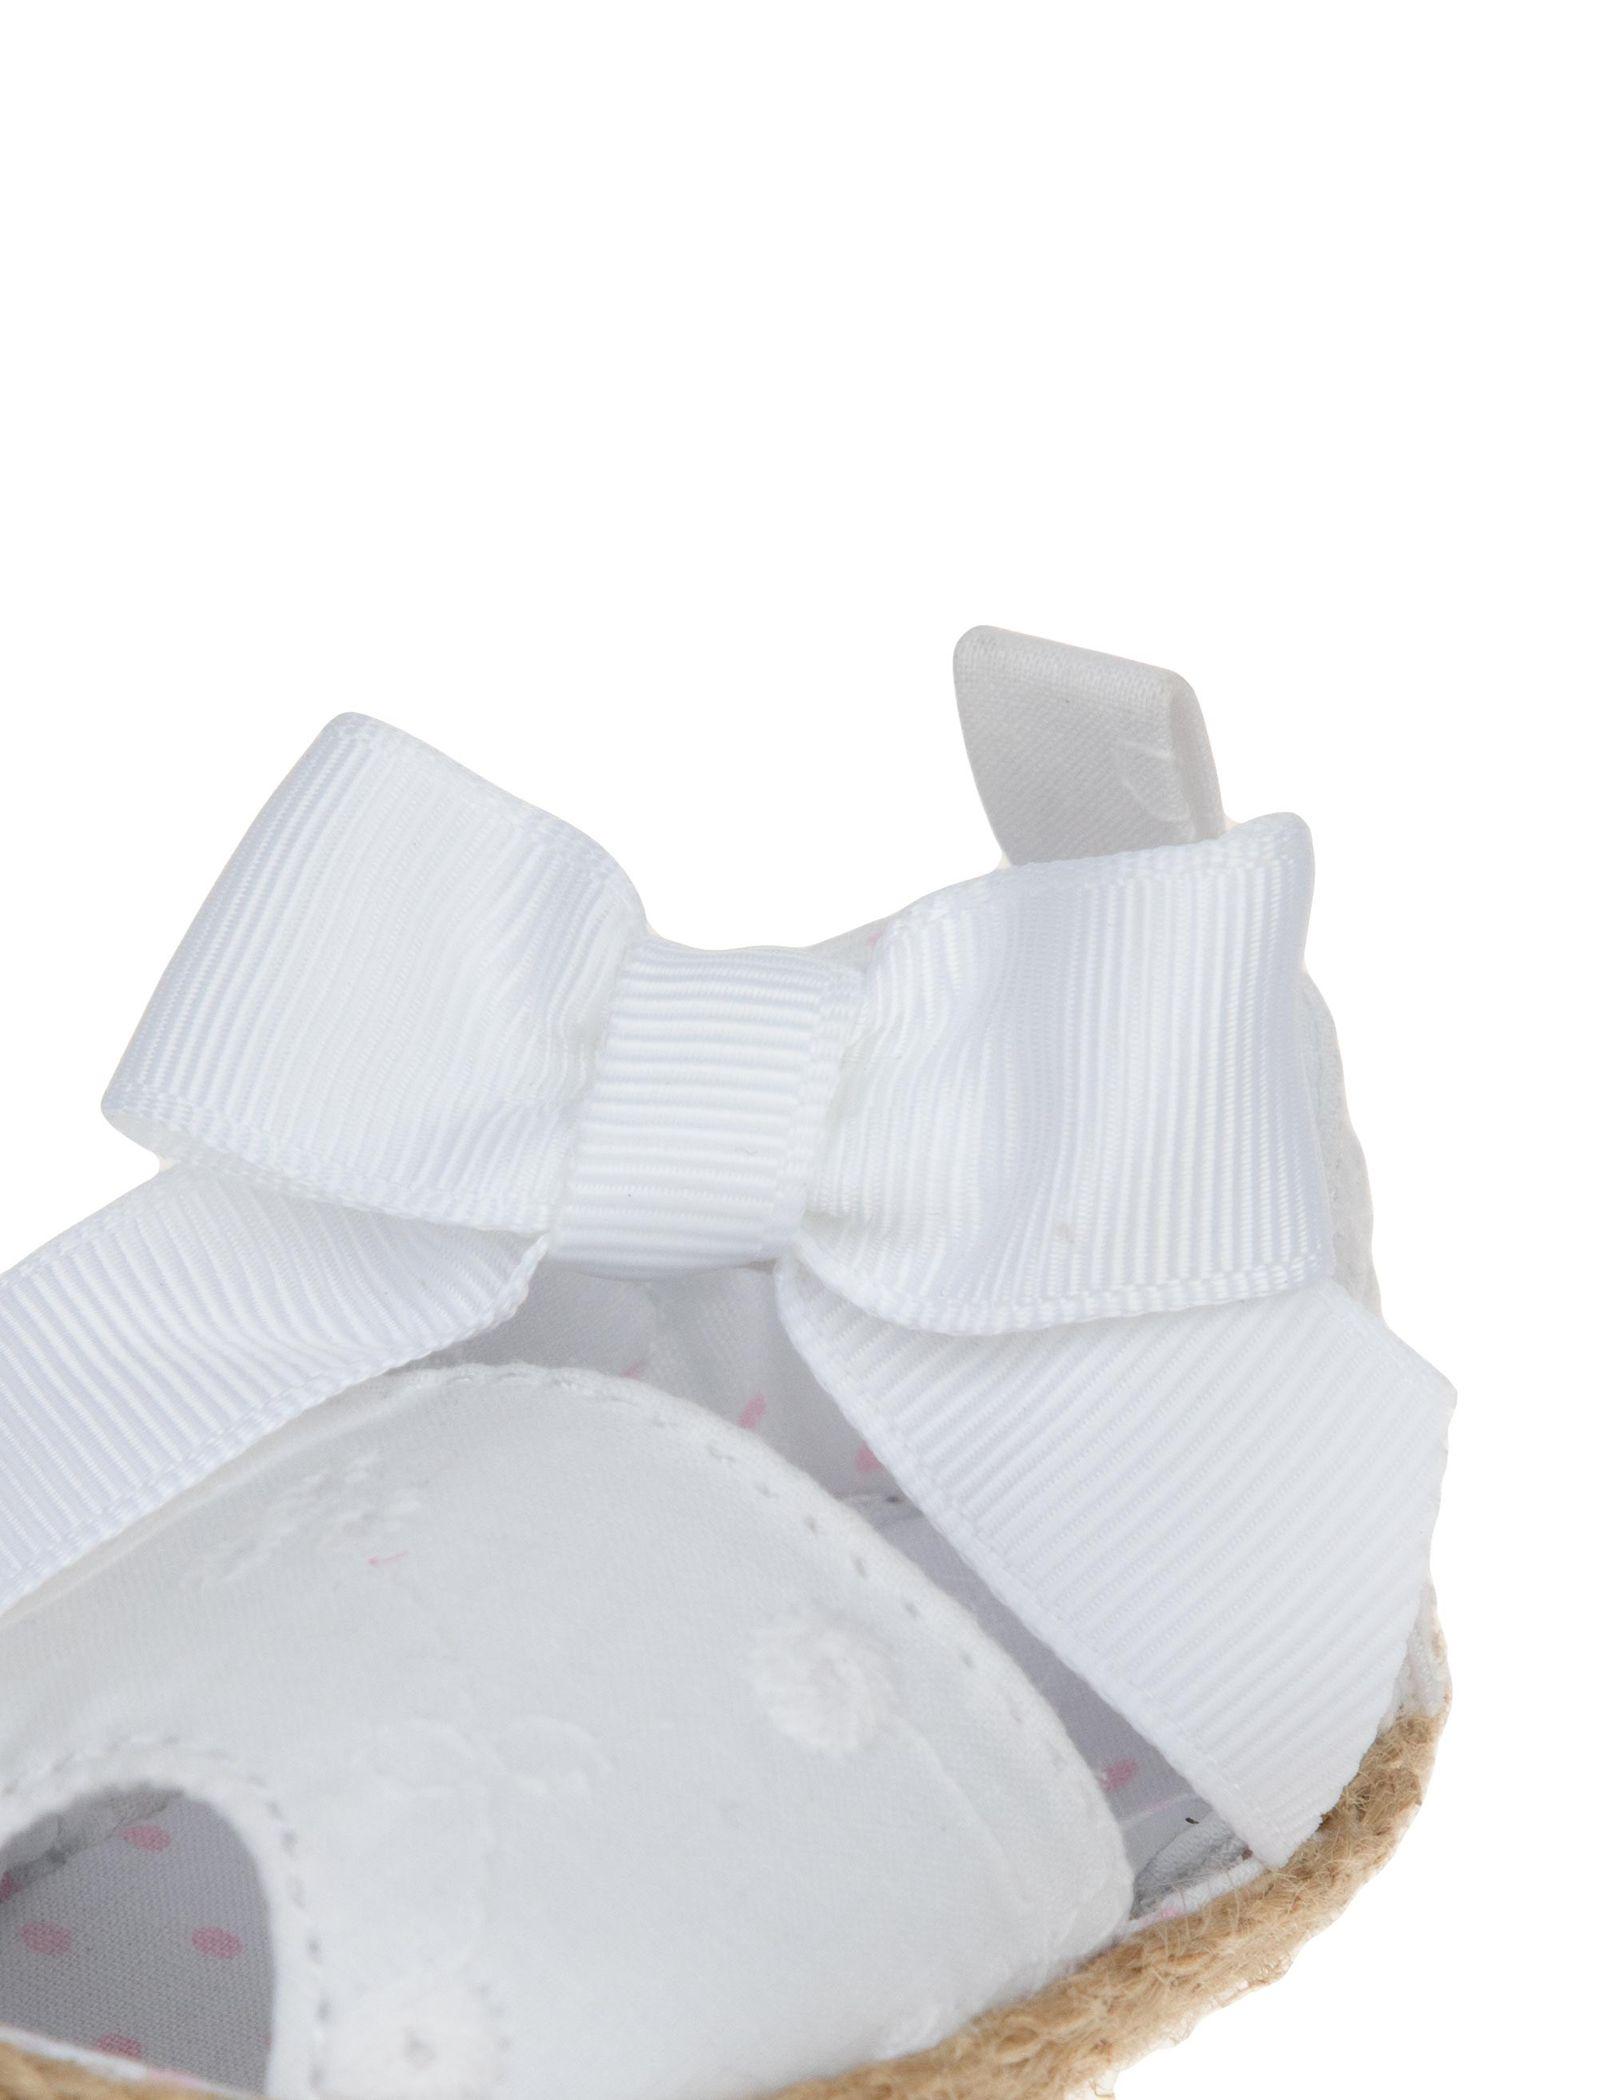 کفش پارچه ای نوزادی - بلوکیدز - نيلي - 3